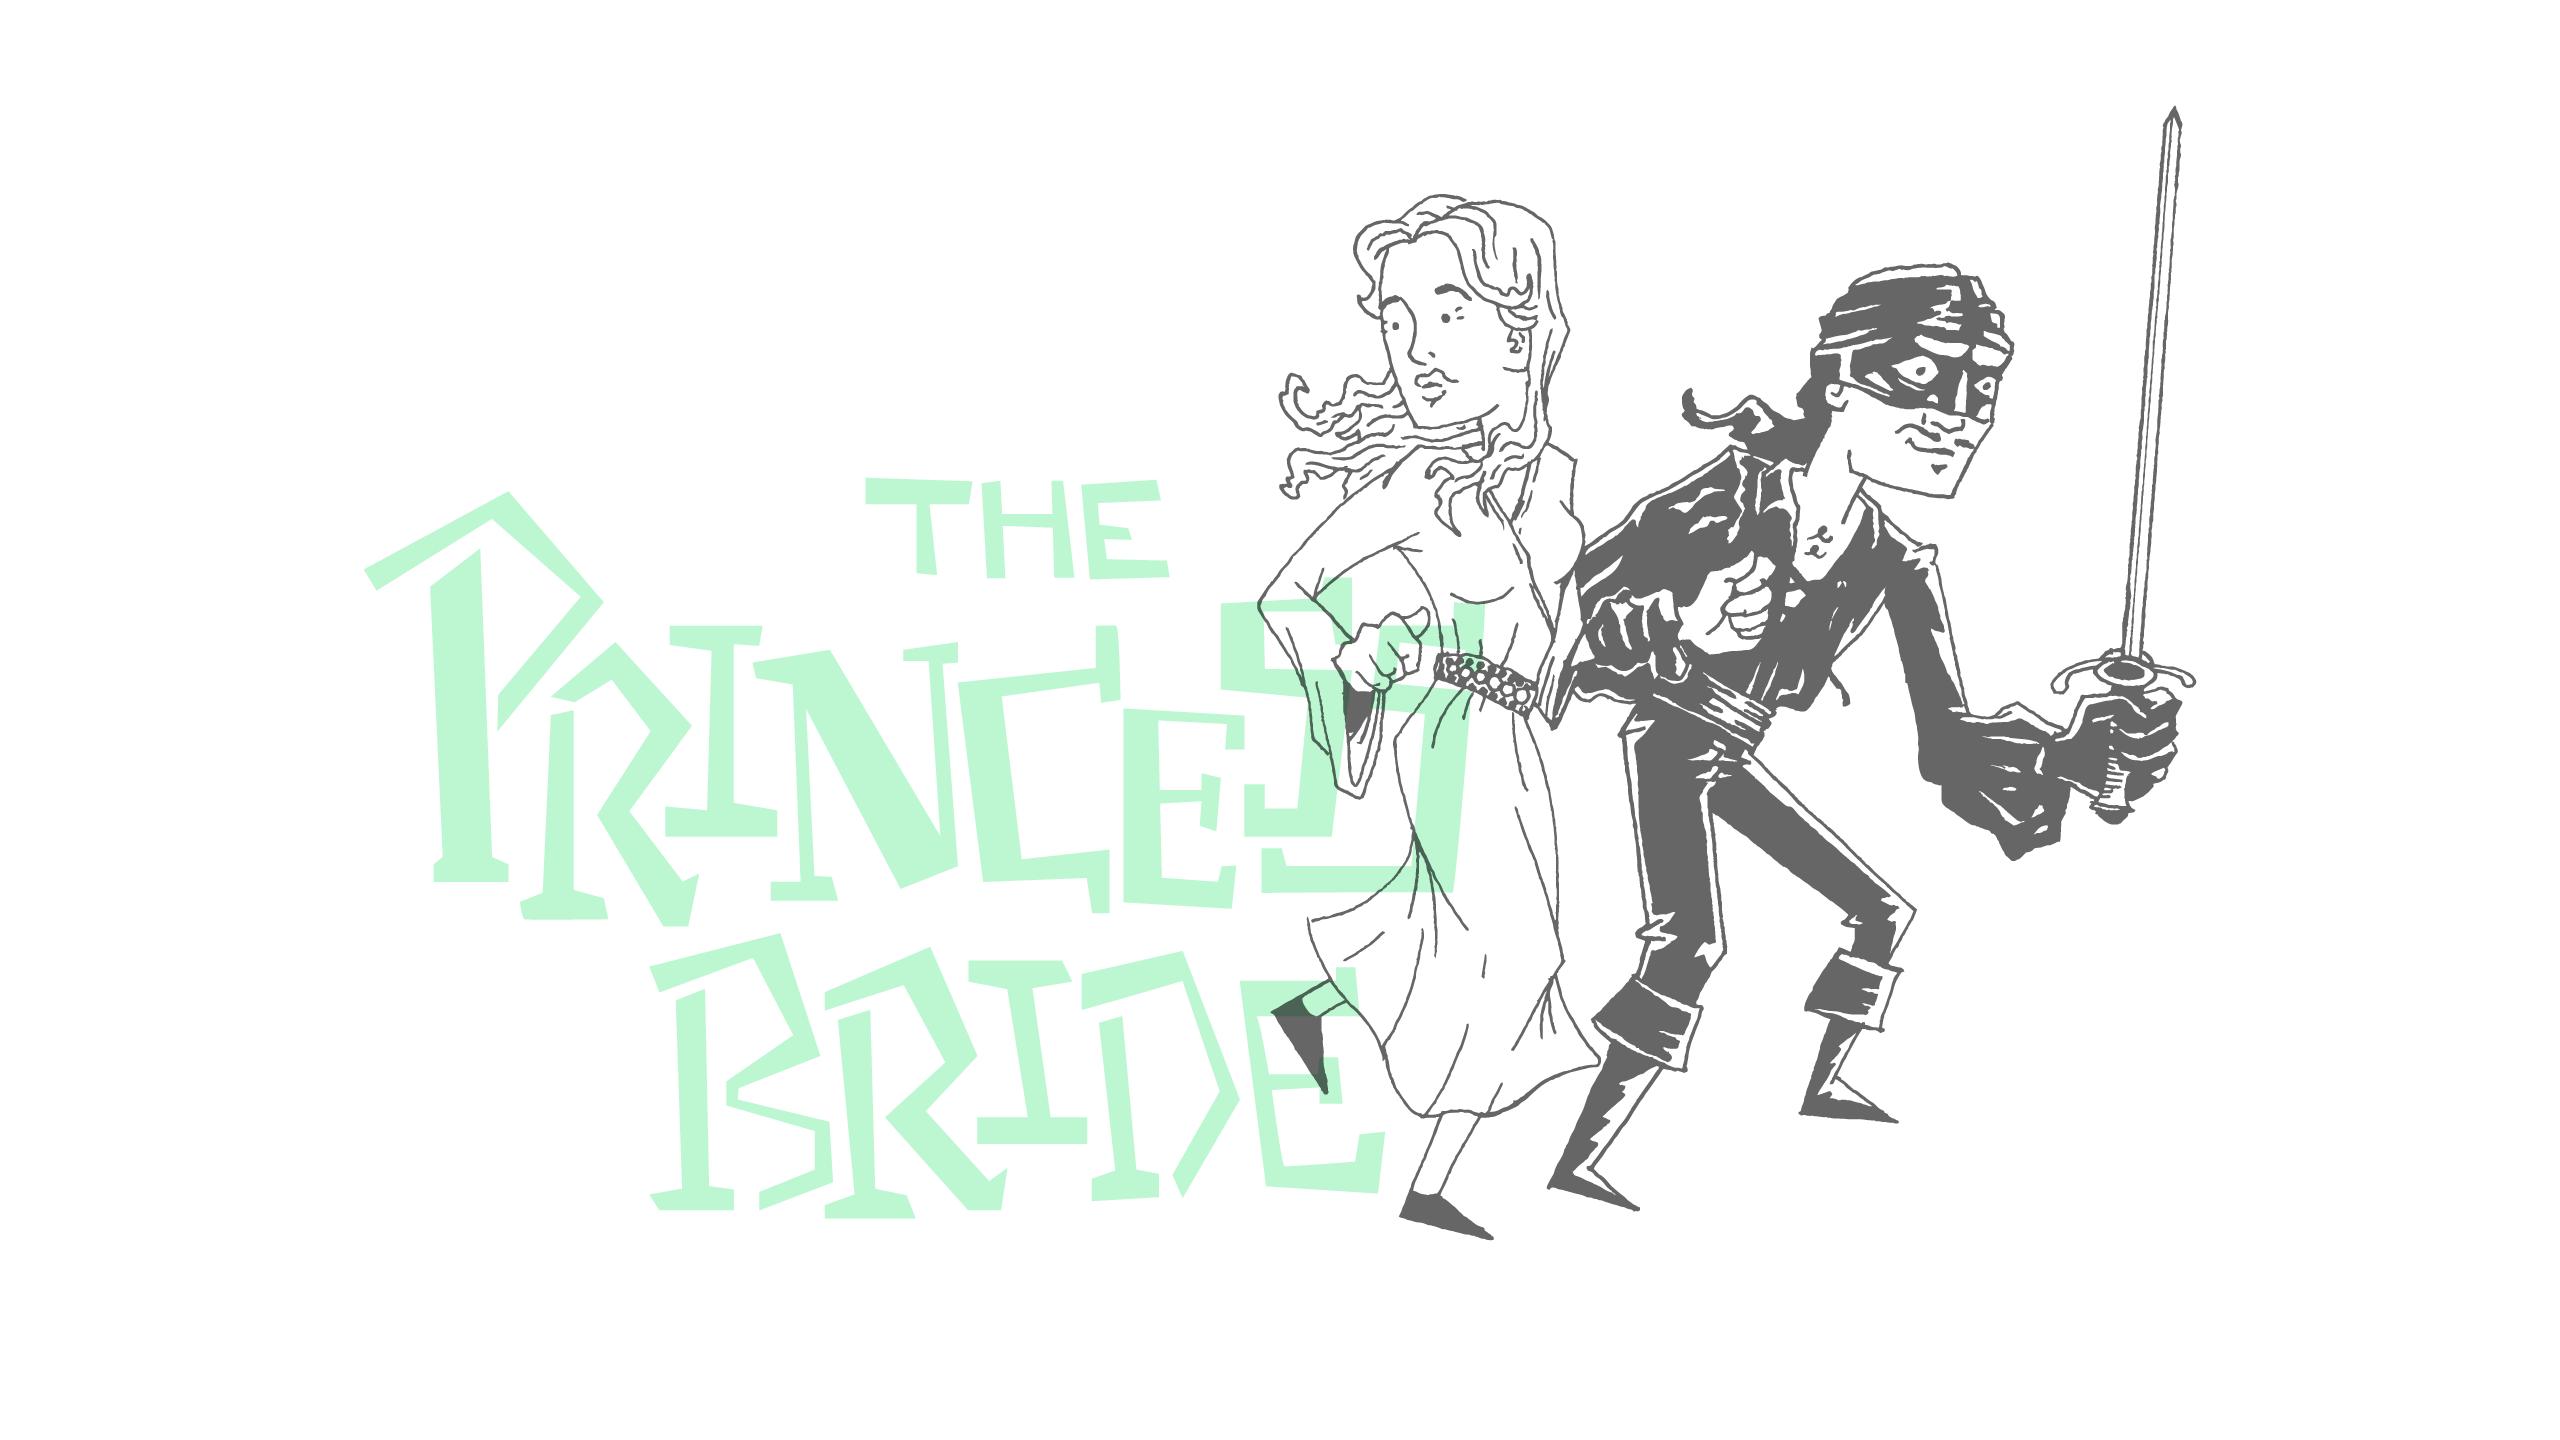 Princess bride desktop